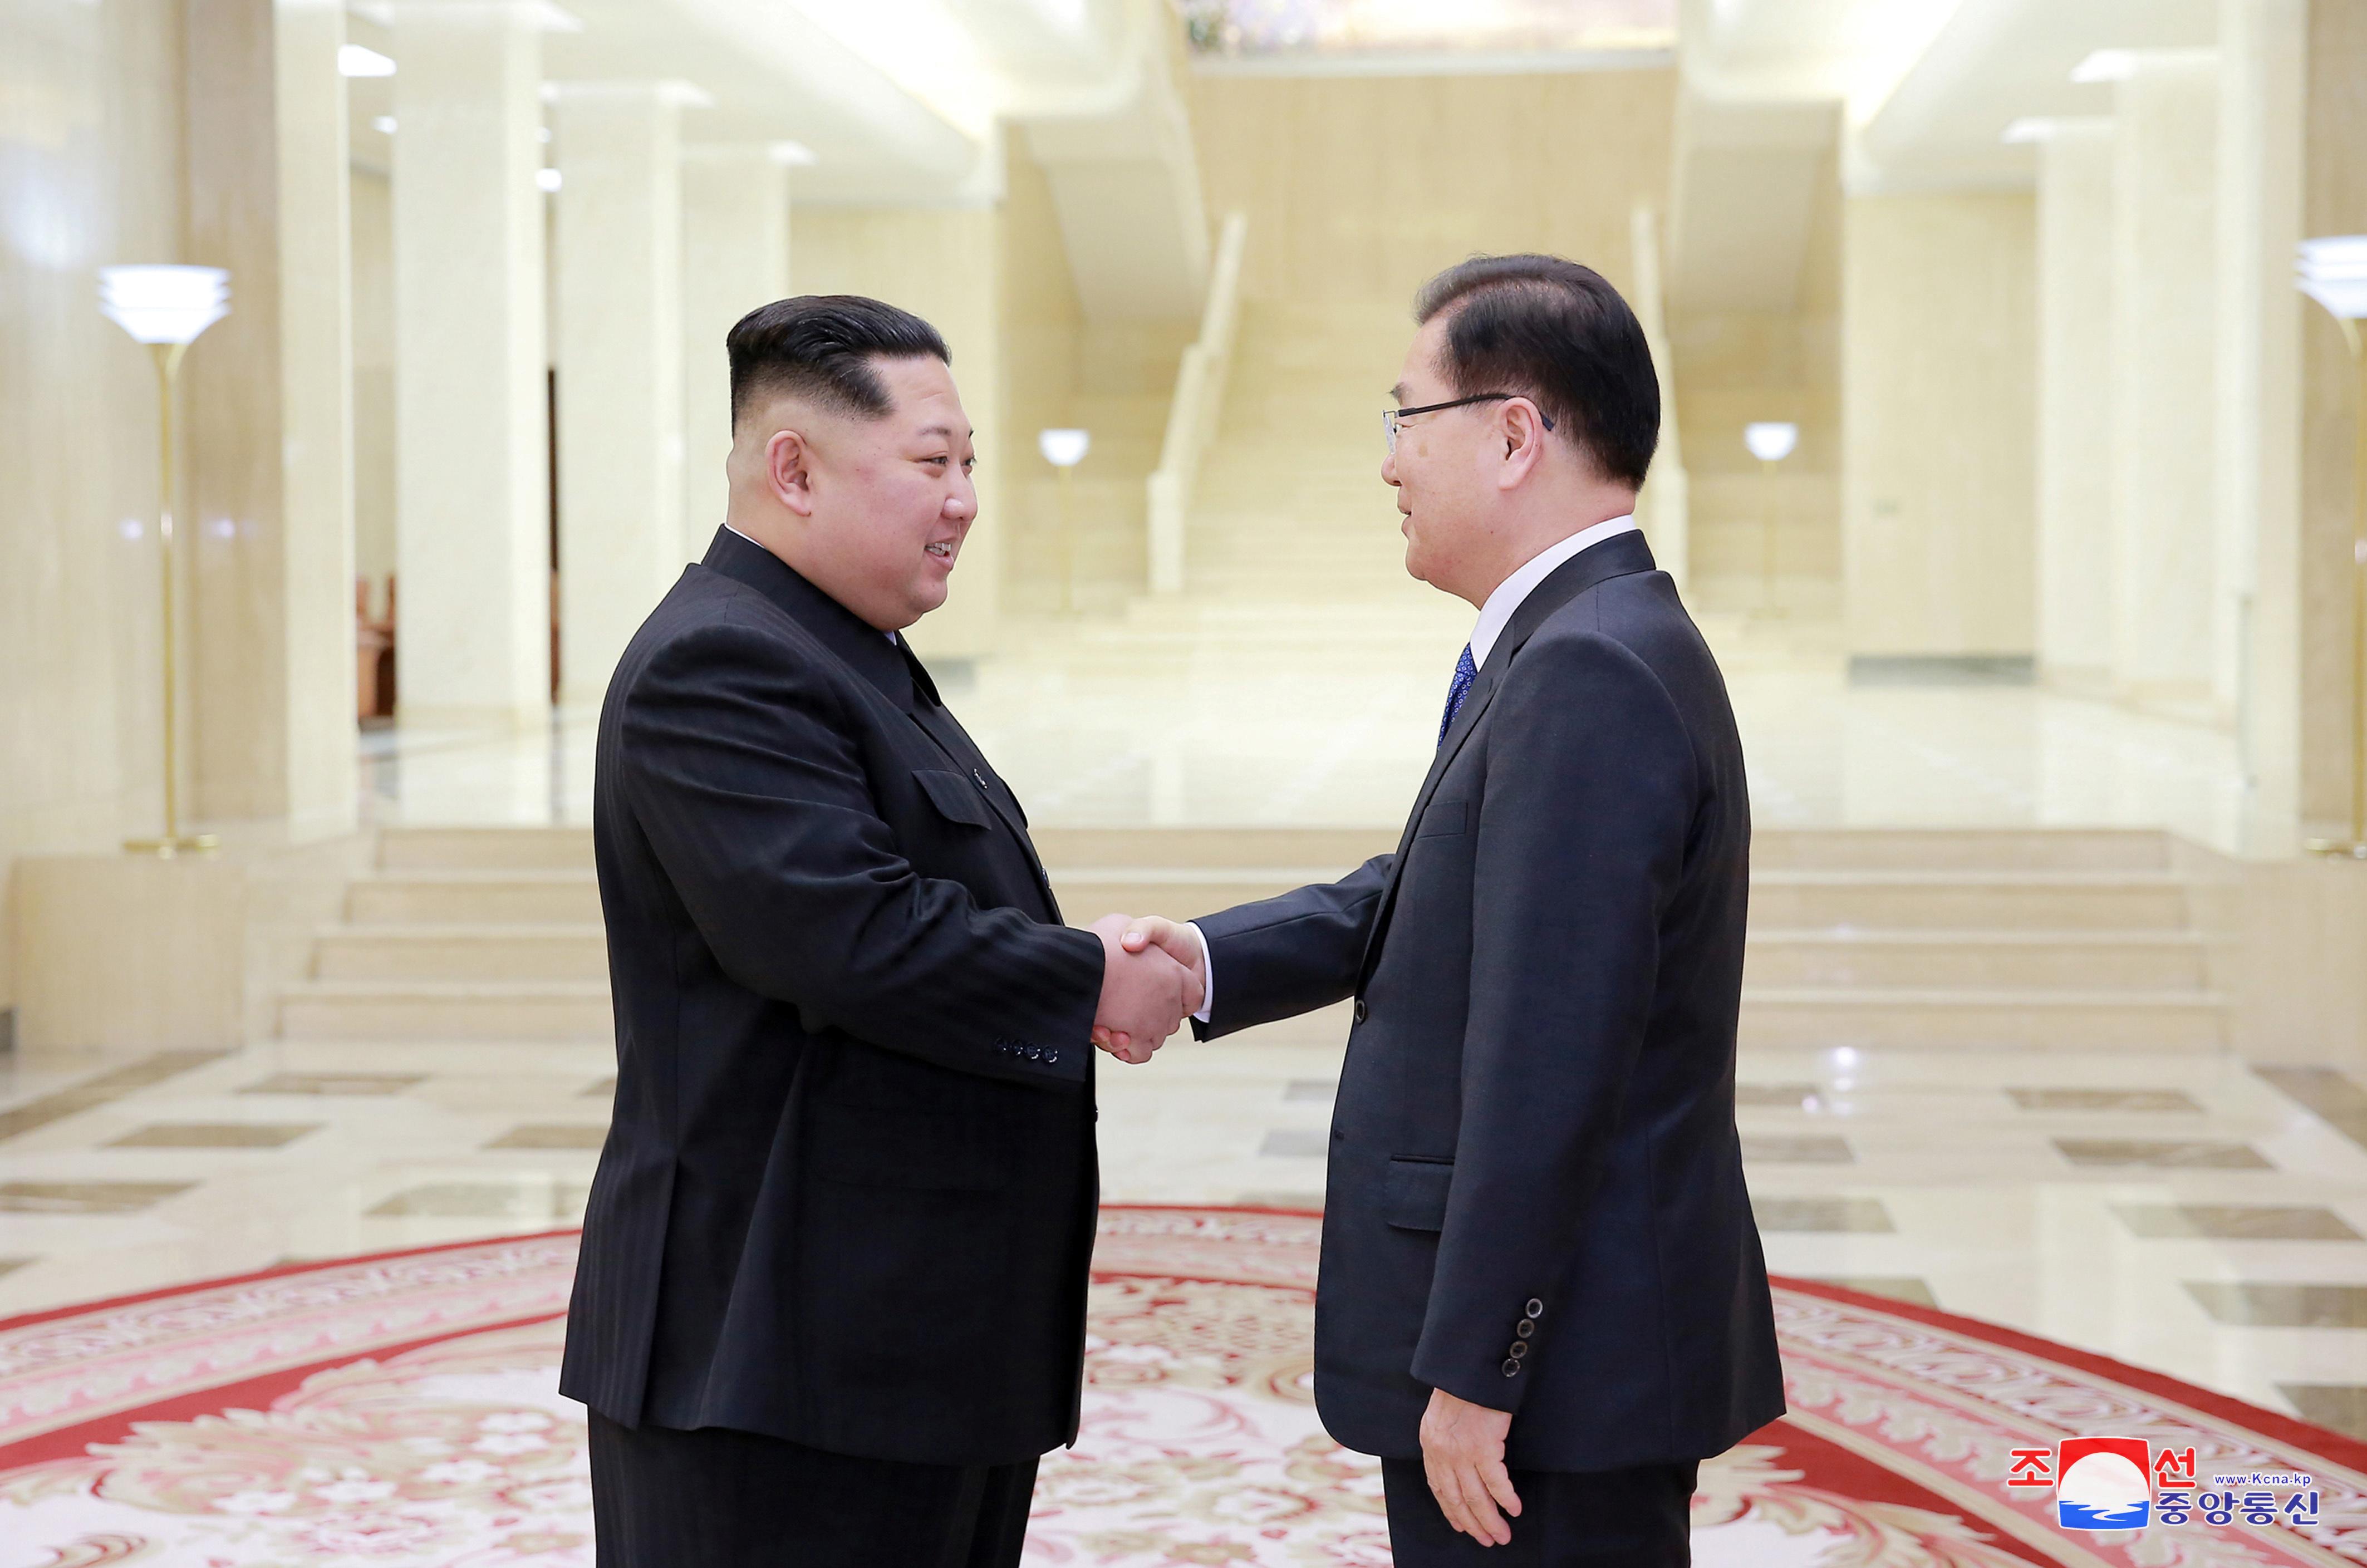 زعيم كوريا الشمالية يلتقى أحد مبعوثى وفد كوريا الجنوبية